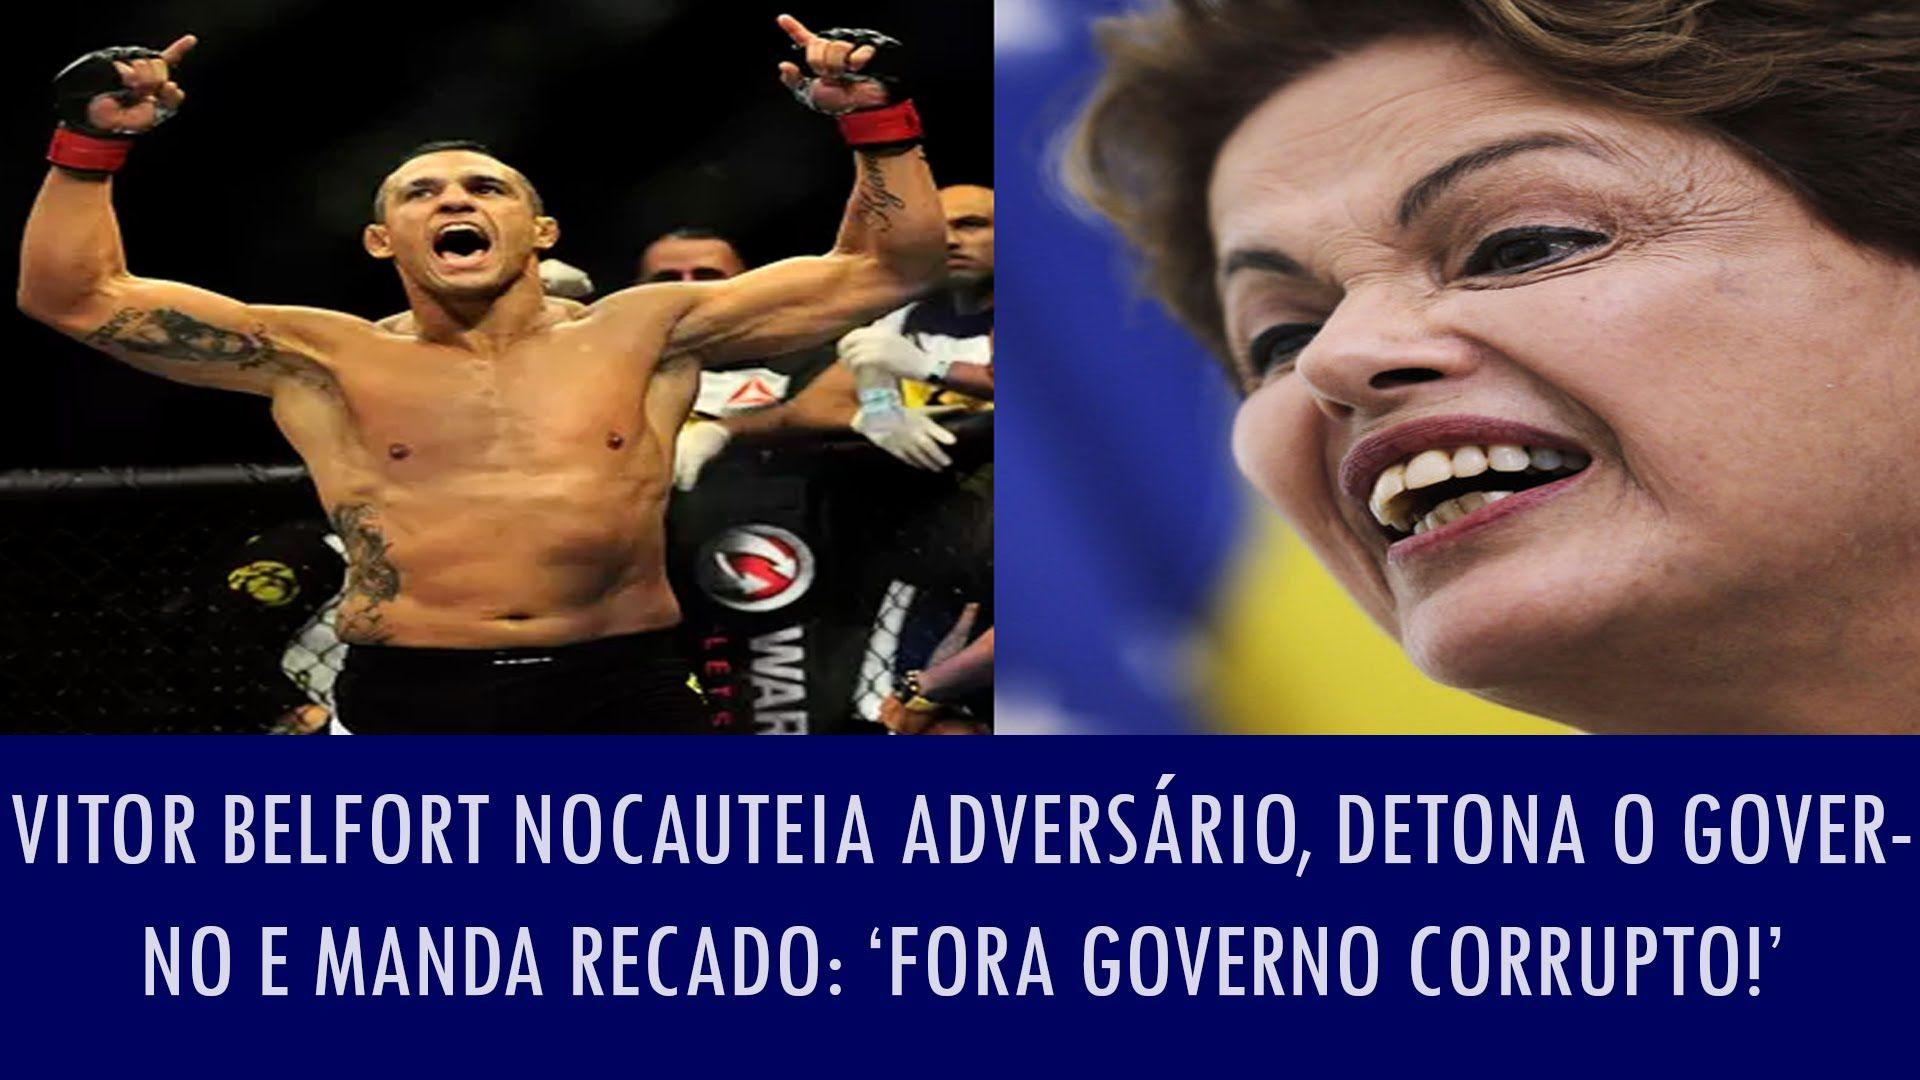 Vitor Belfort nocauteia adversário e manda recado para Dilma: 'Fora gove...